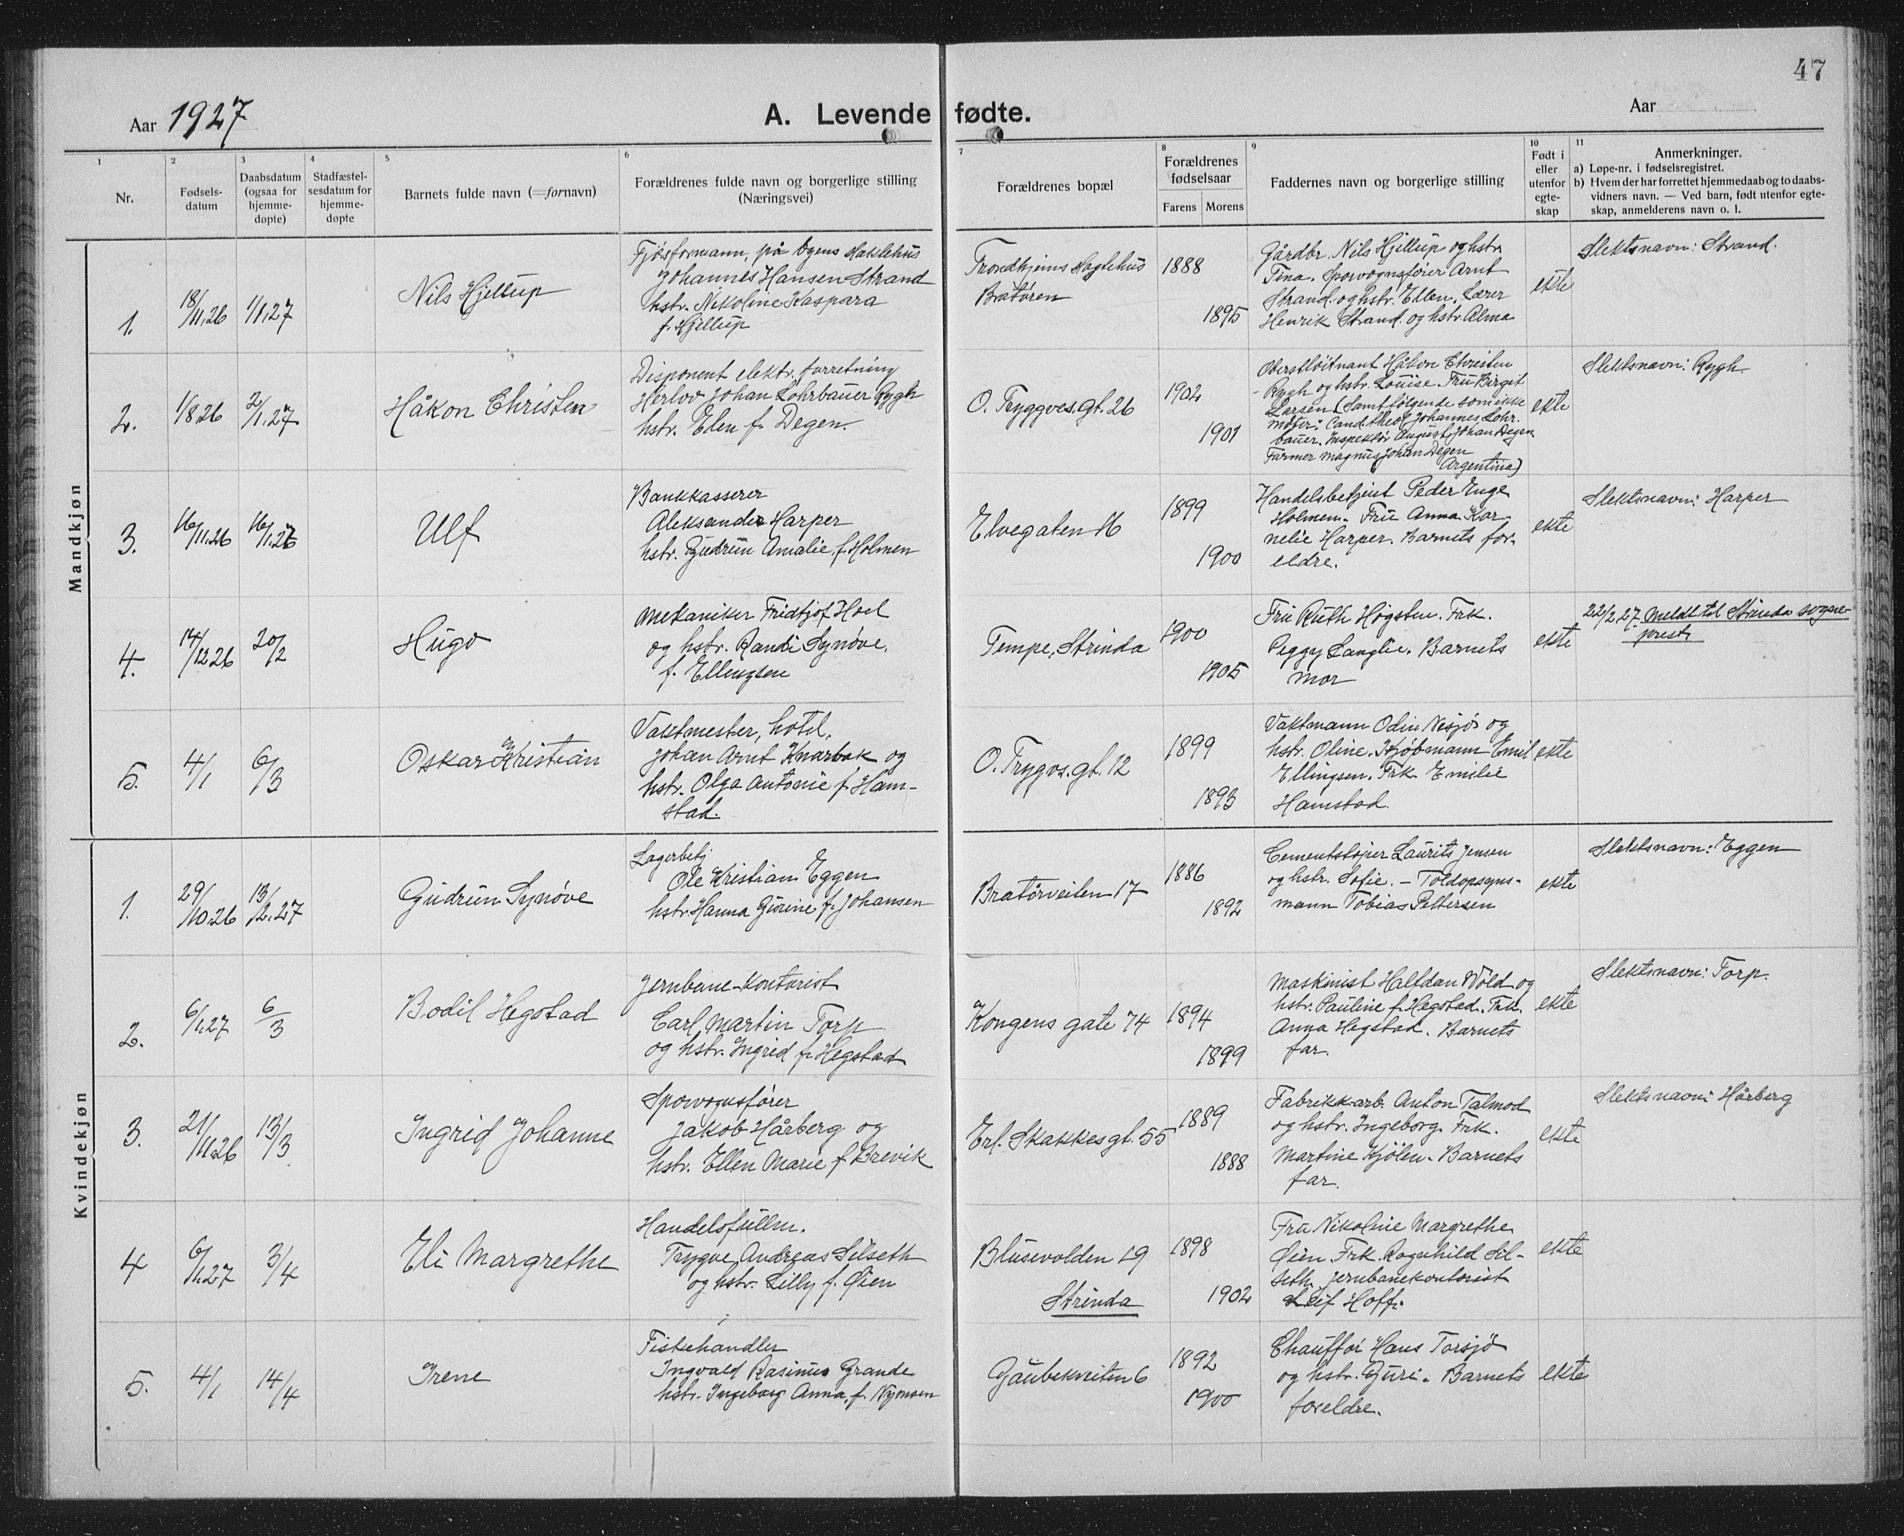 SAT, Ministerialprotokoller, klokkerbøker og fødselsregistre - Sør-Trøndelag, 602/L0148: Klokkerbok nr. 602C16, 1919-1939, s. 47